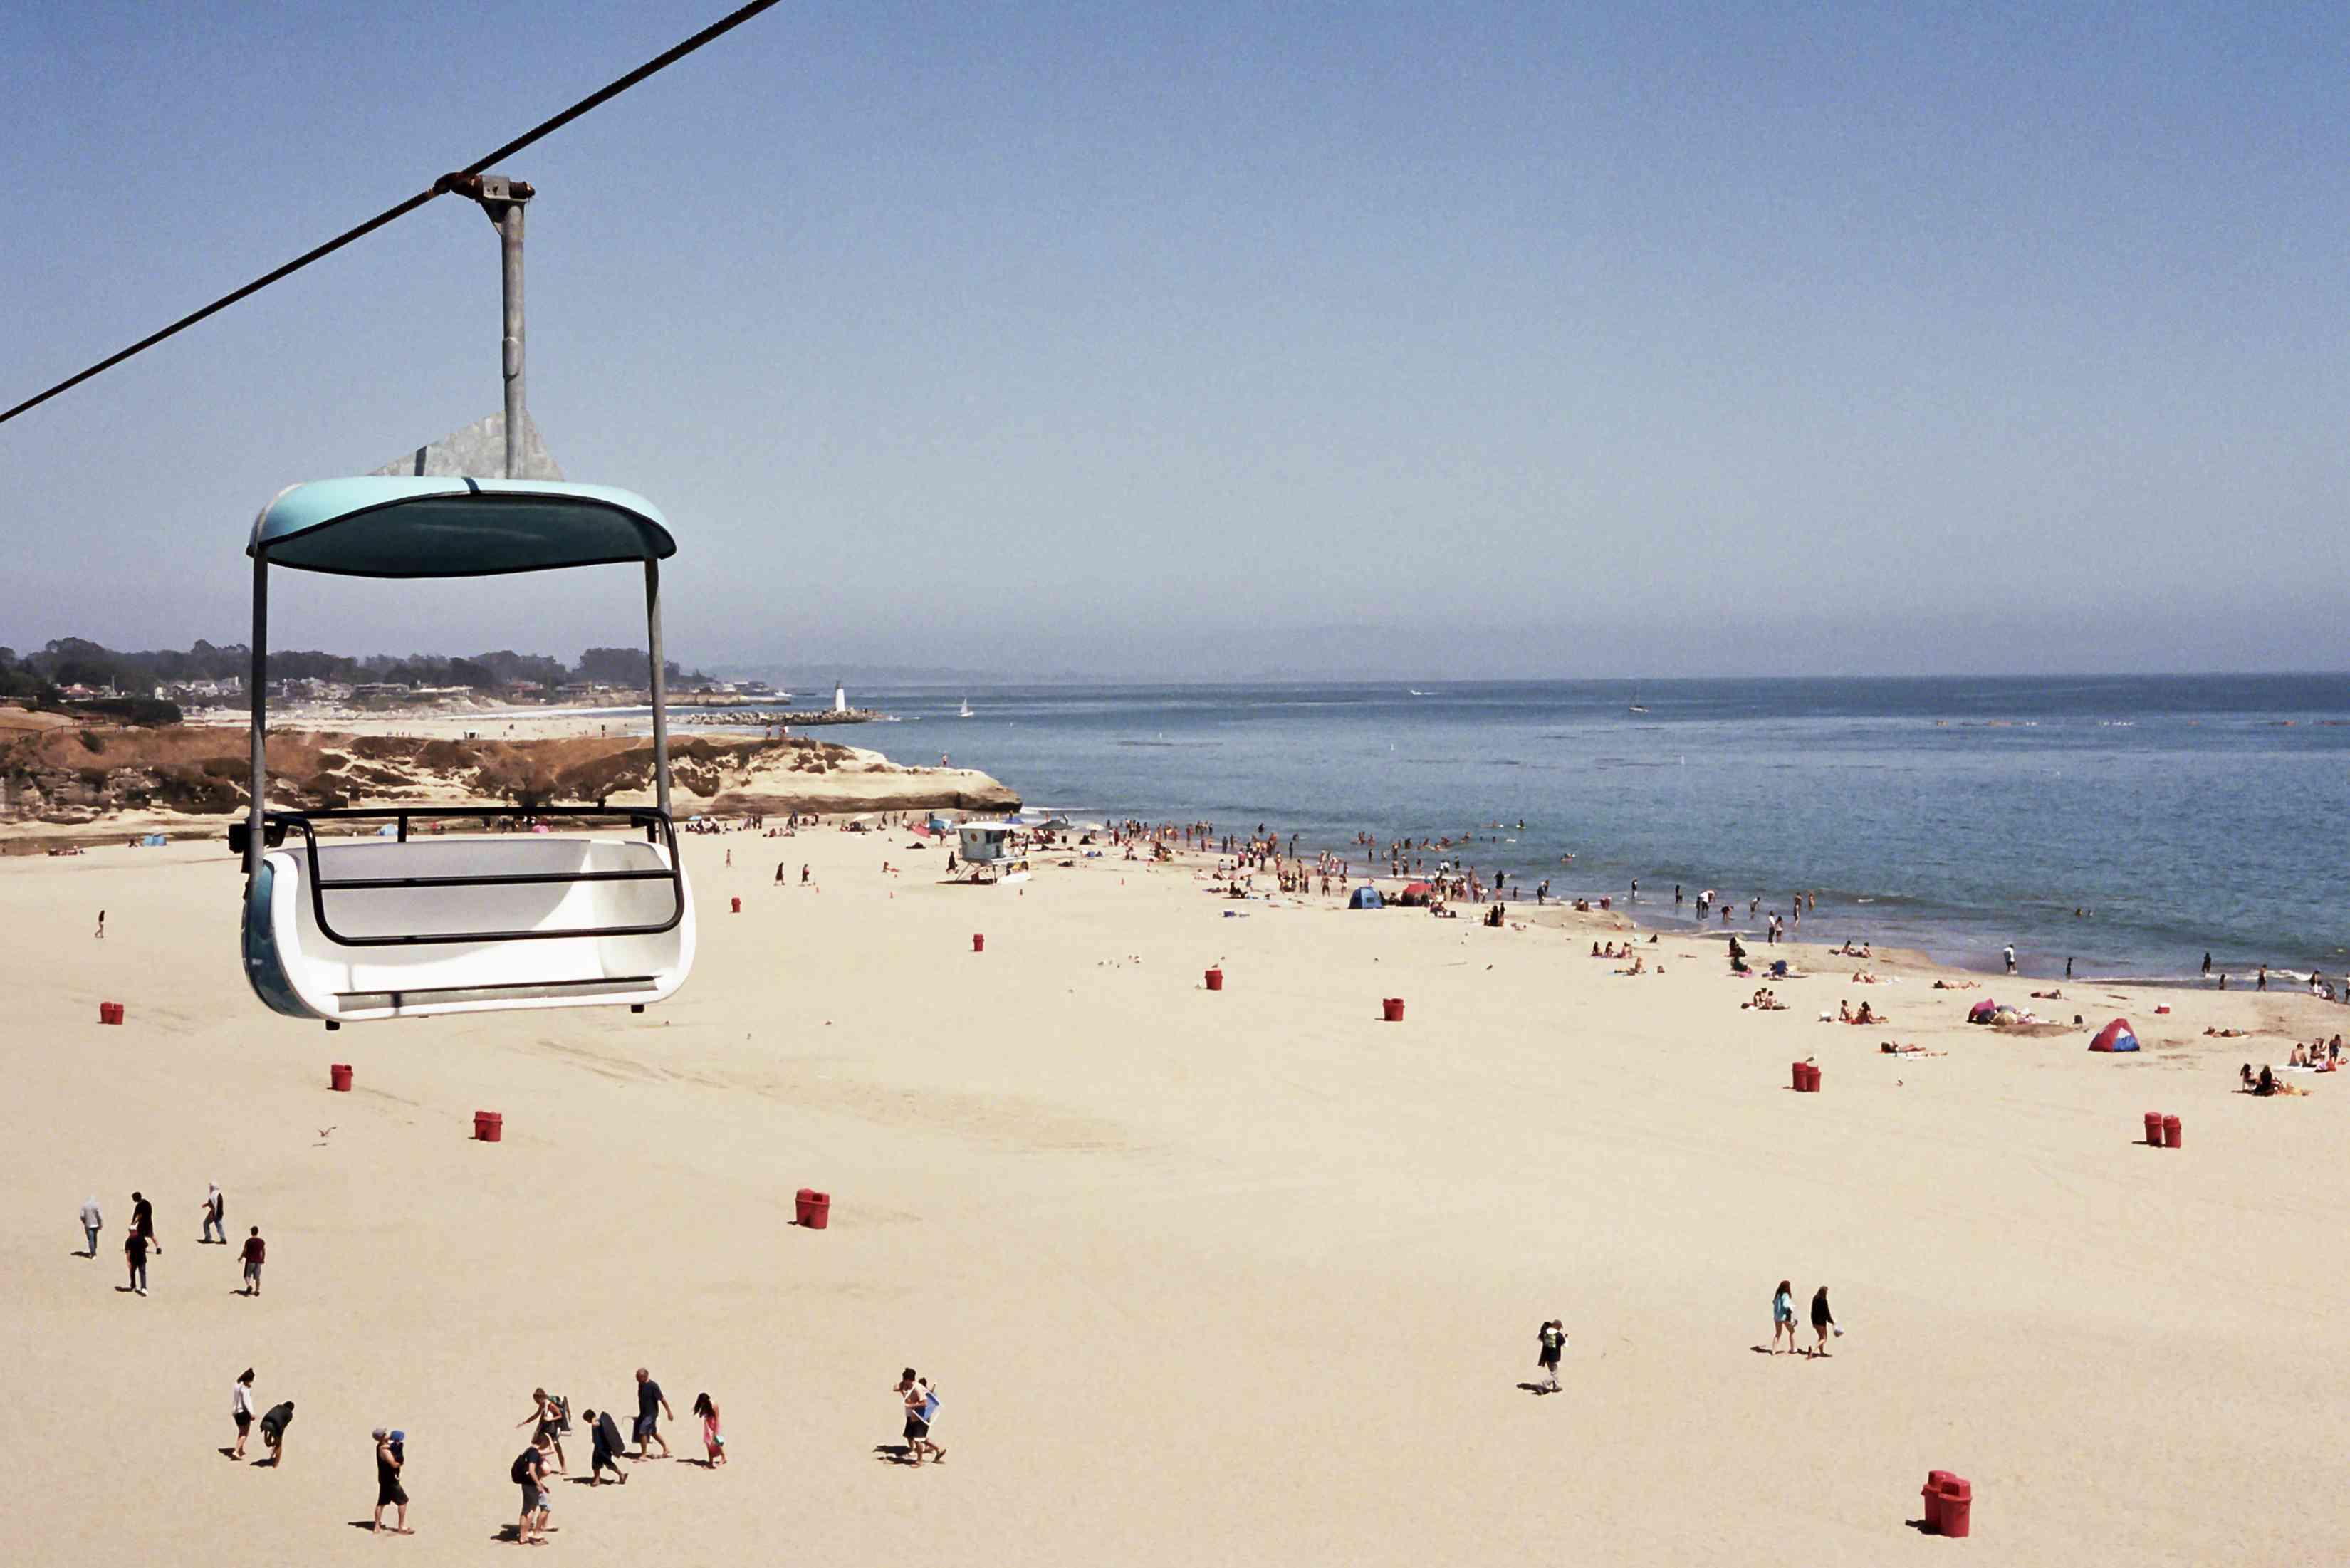 Amusement Park Ride at Santa Cruz Beach